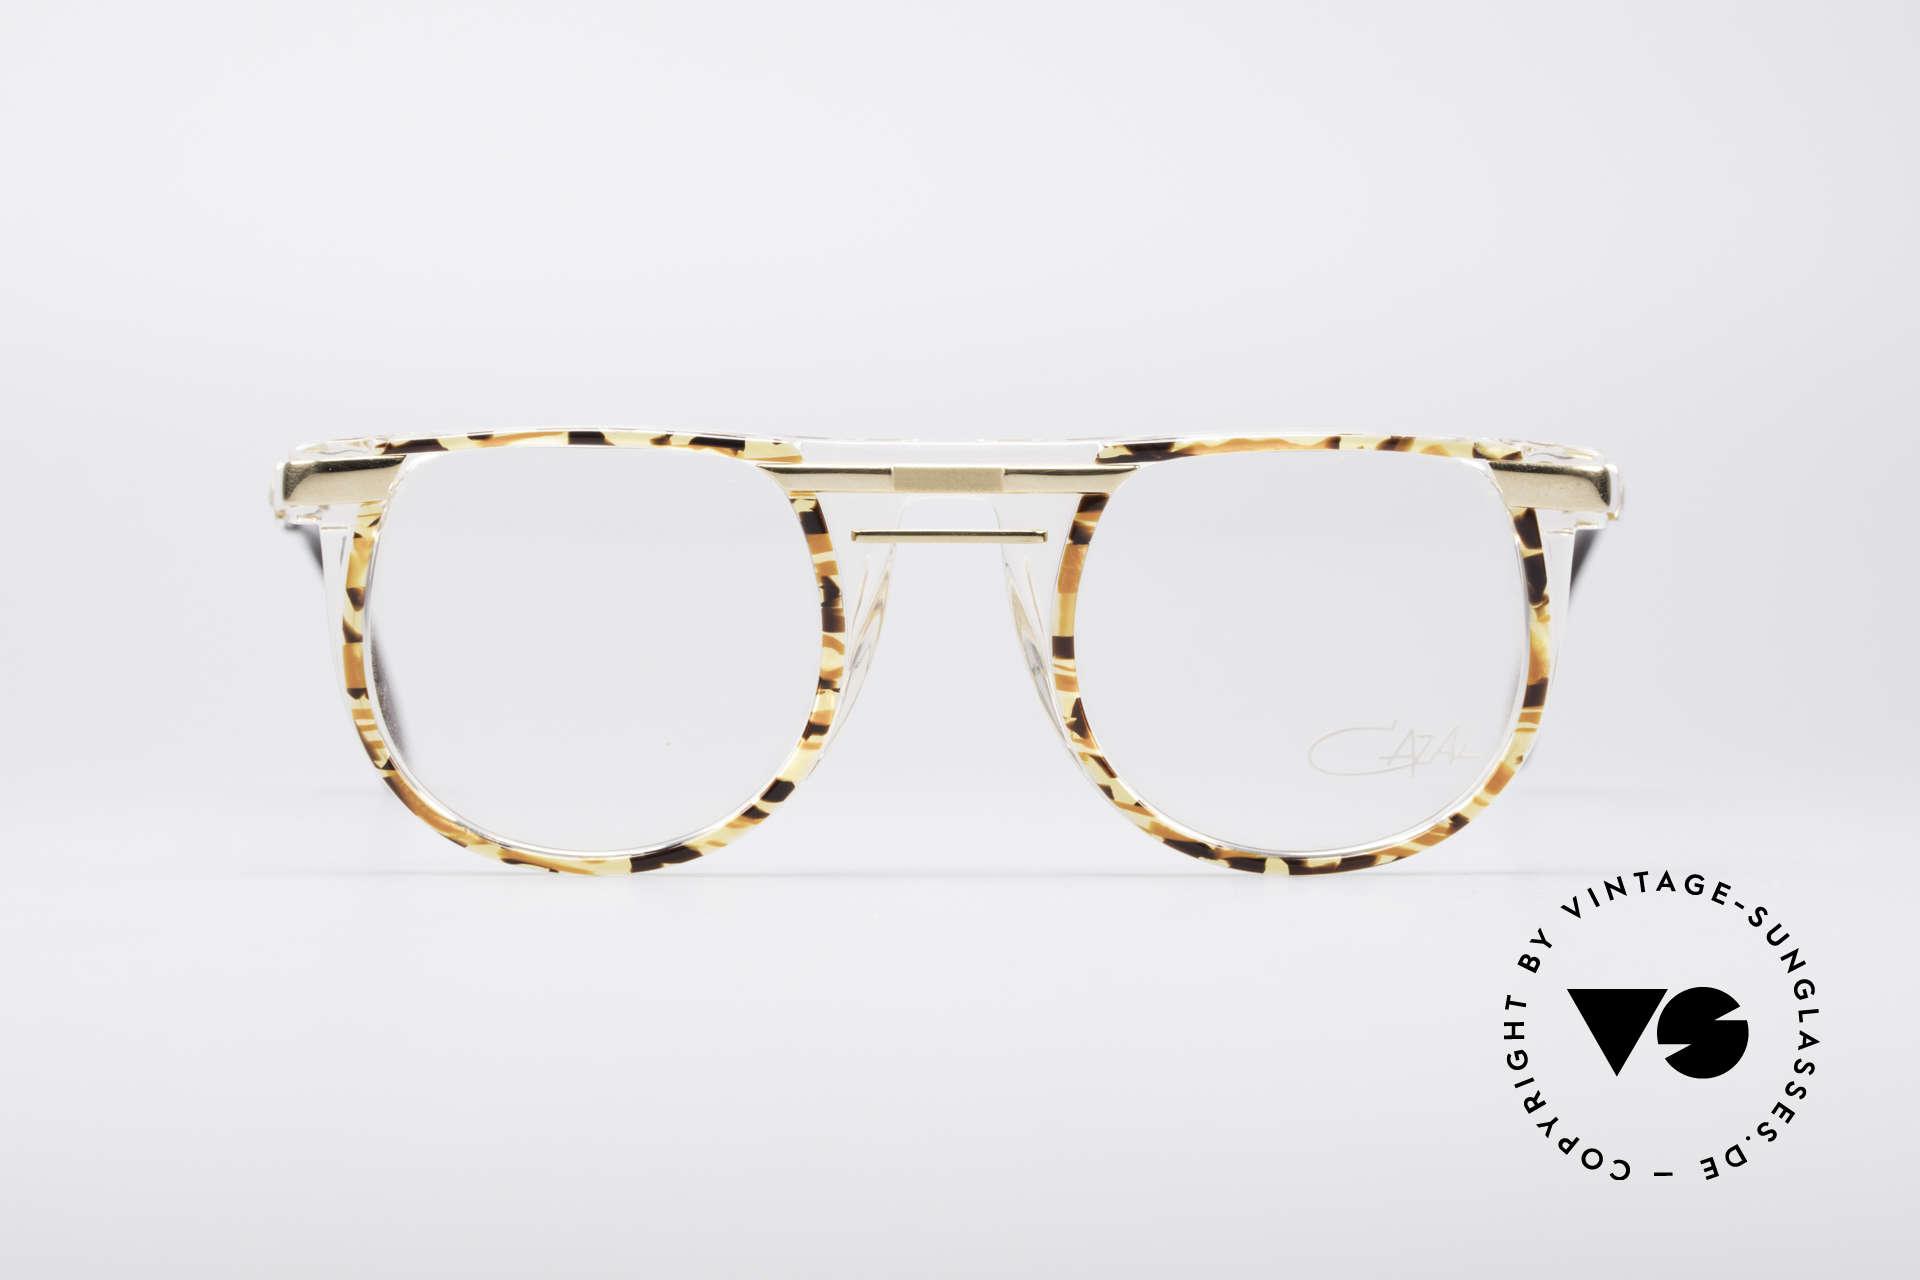 Cazal 647 90er Vintage Designerbrille, außergewöhnliches Modell mit tollem Farbkonzept, Passend für Herren und Damen